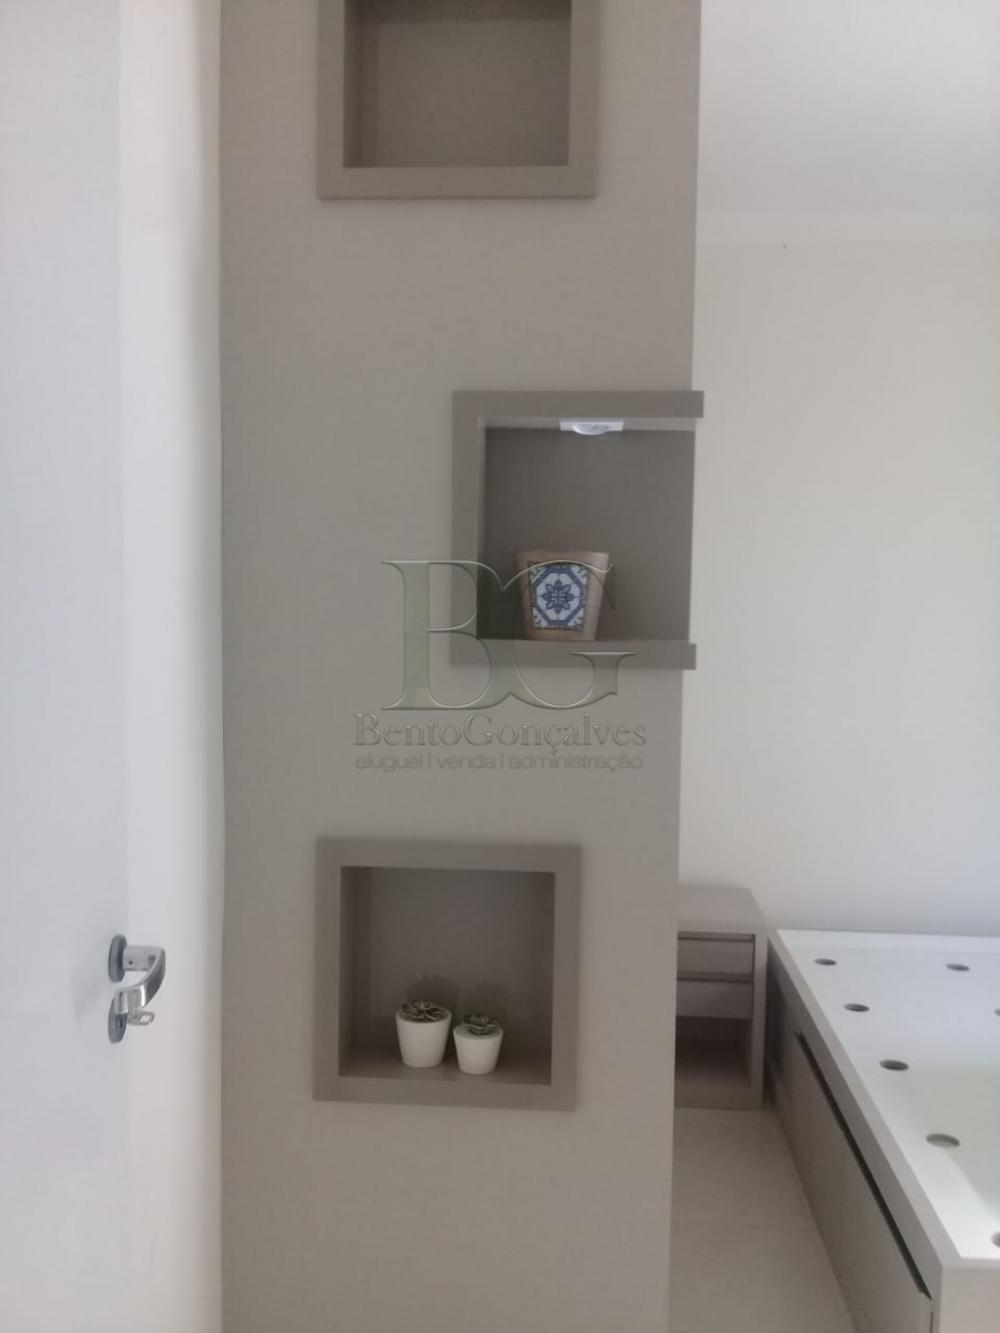 Alugar Apartamentos / Padrão em Poços de Caldas apenas R$ 750,00 - Foto 9